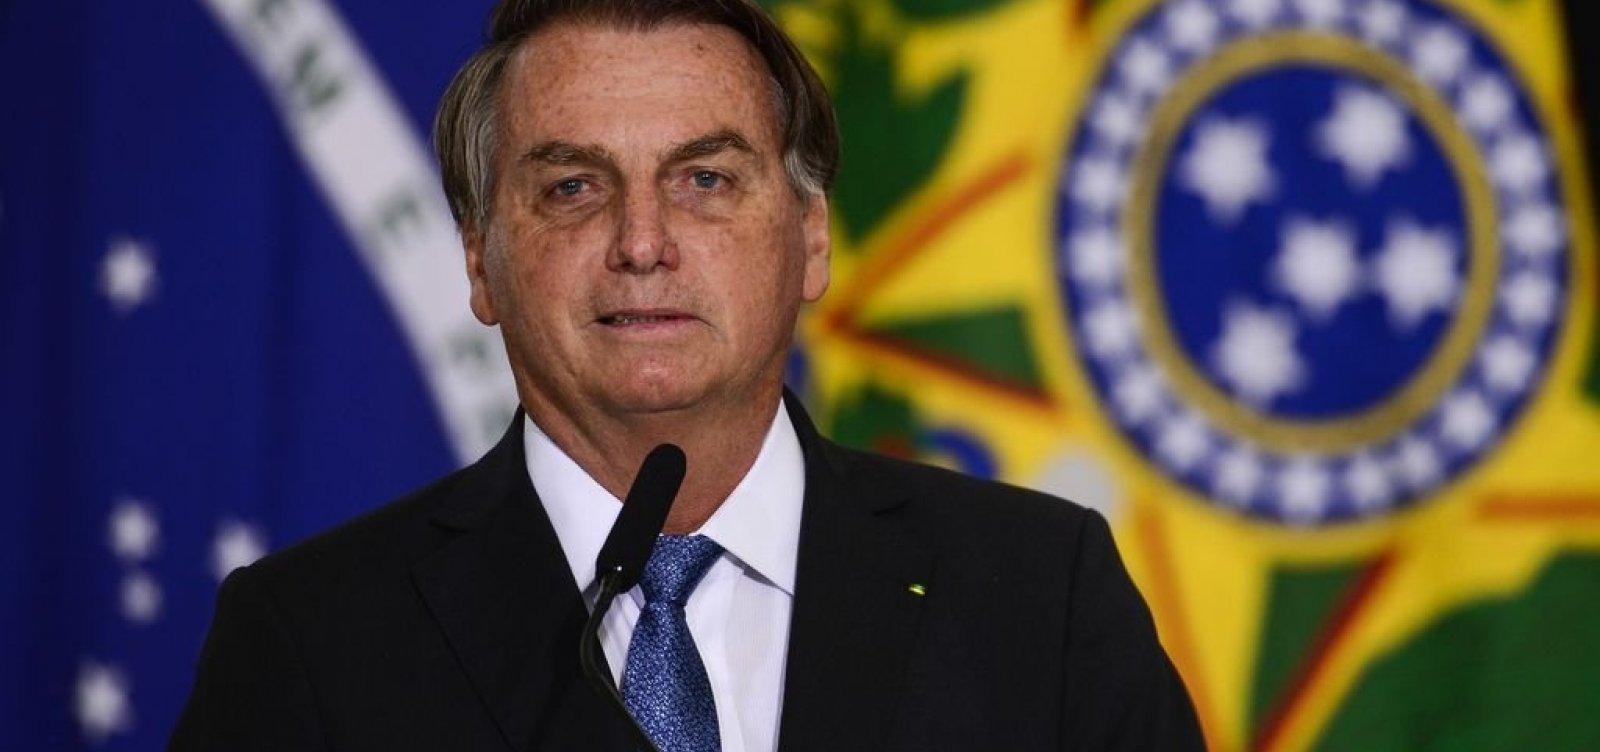 Presidente ignora caso Covaxin e mantém discurso de que não há corrupção em seu governo